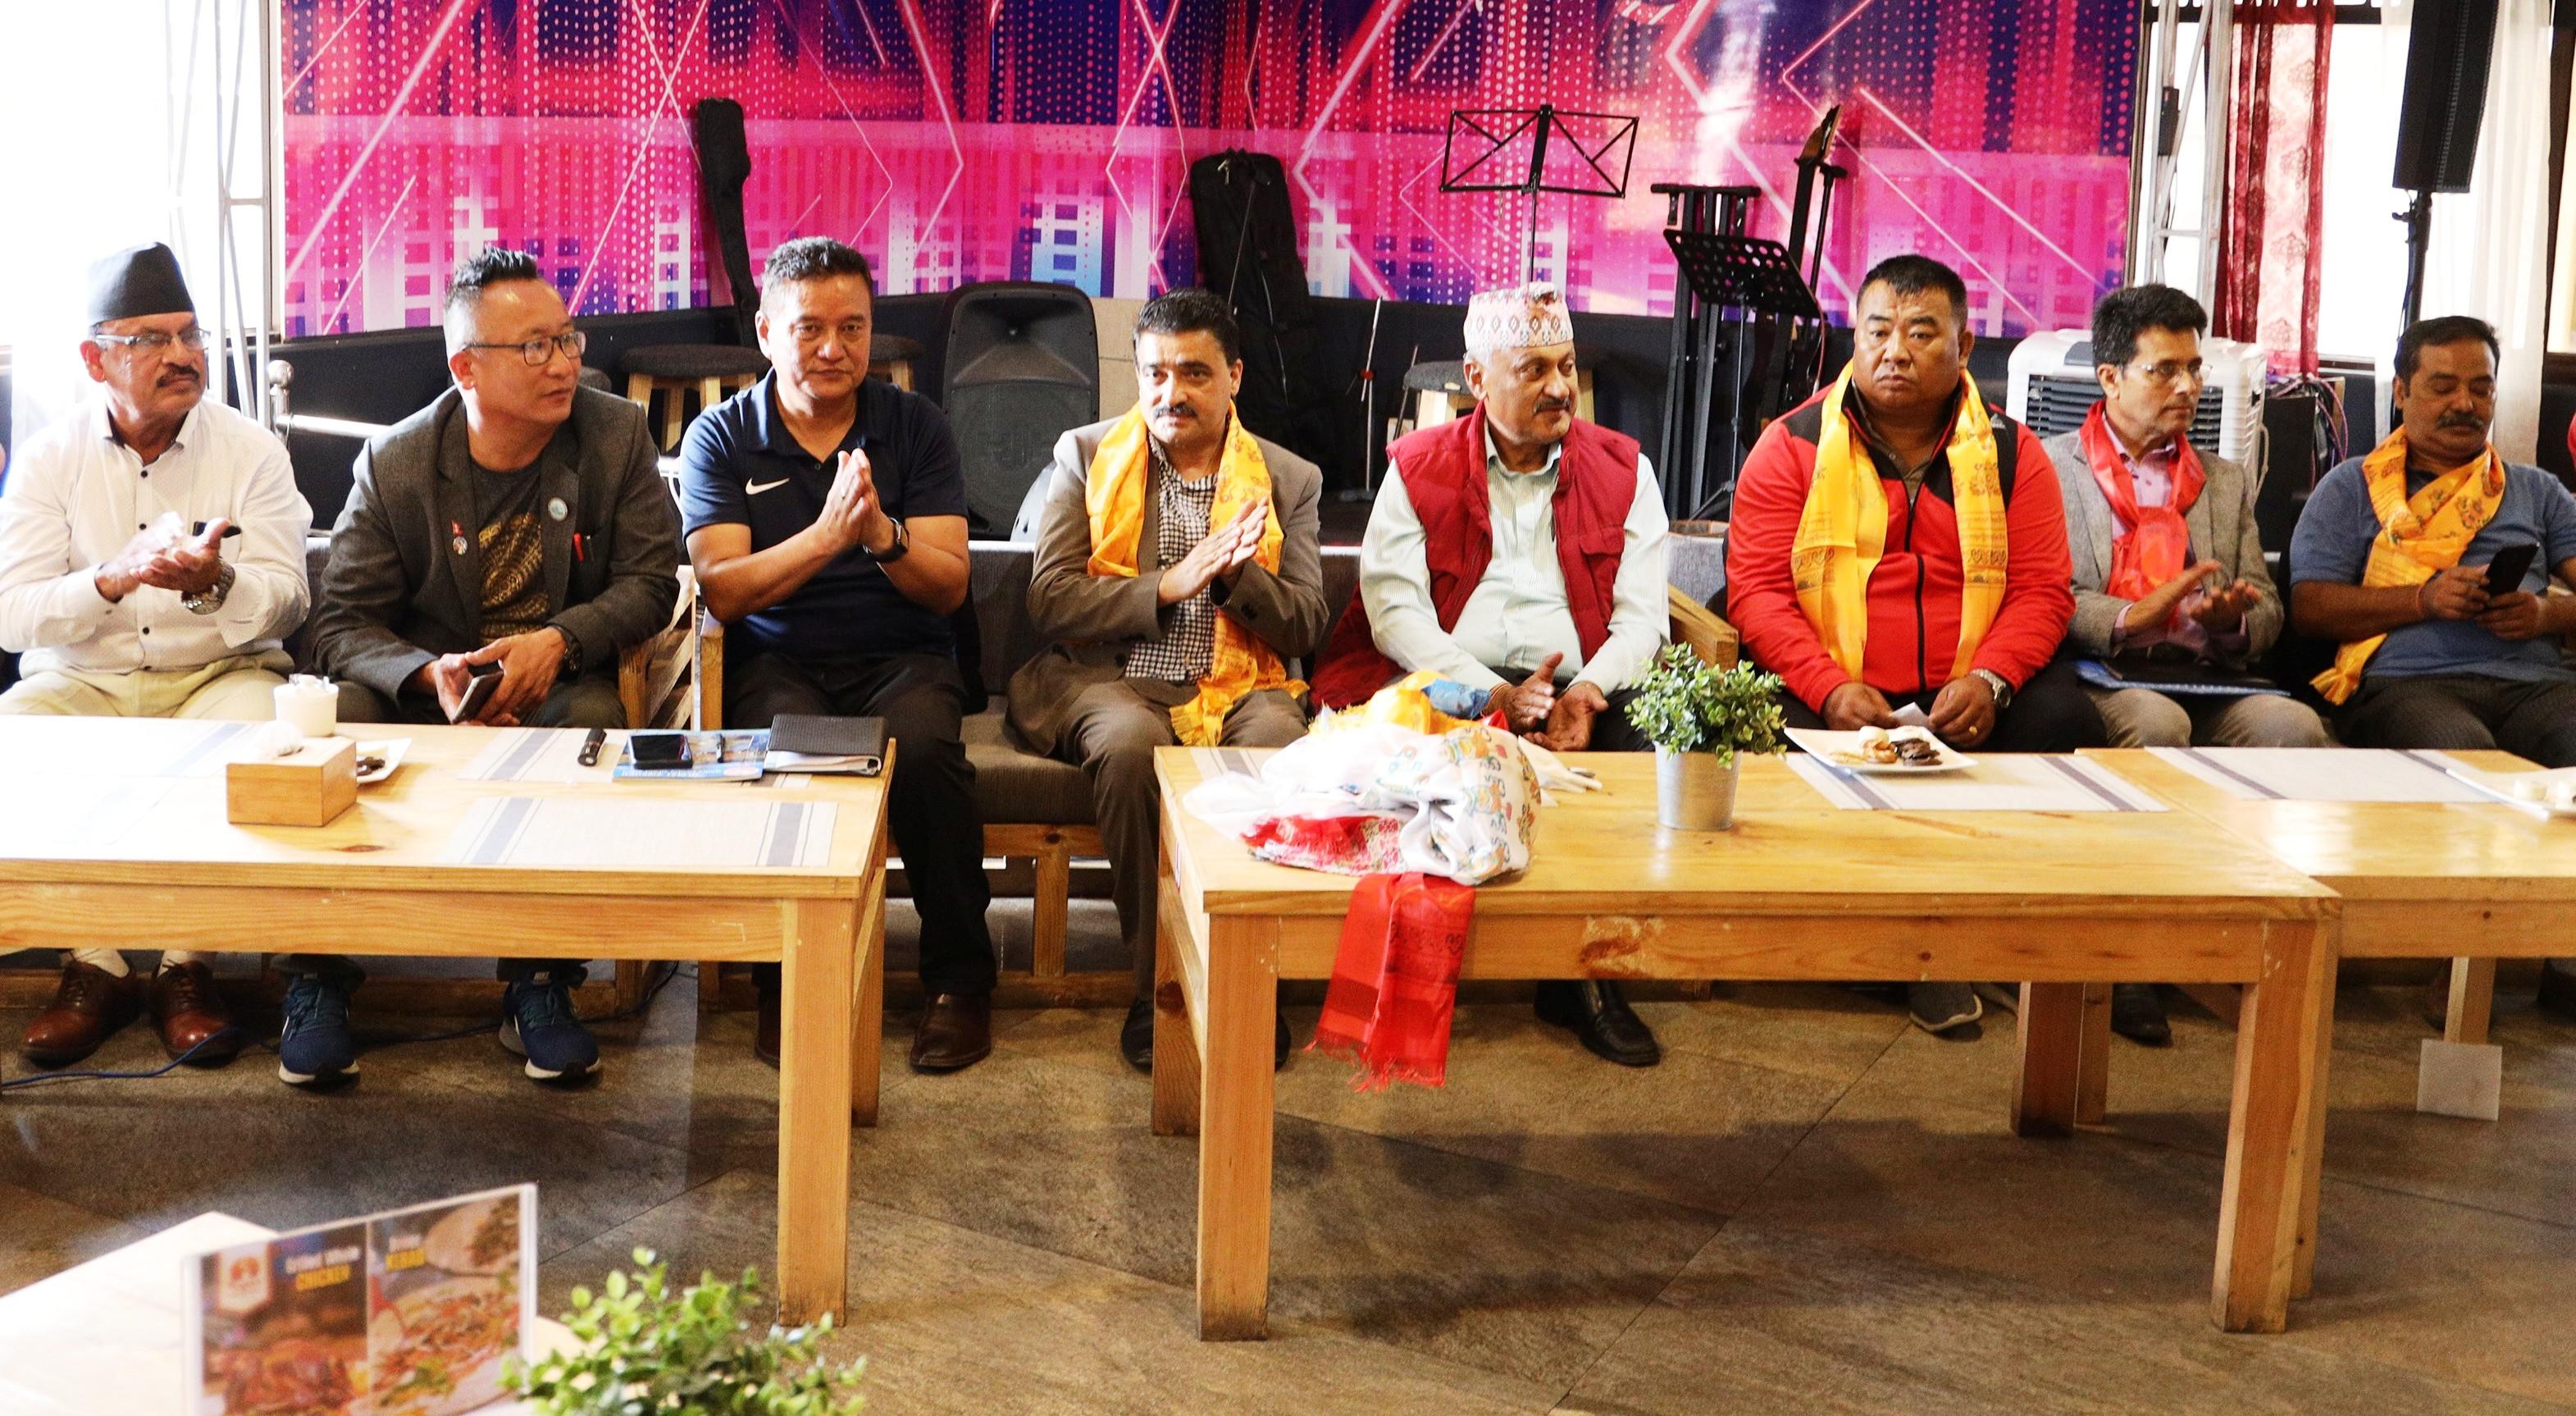 नेपाली क्रिकेट एक हप्ताभित्र समस्यामुक्त हुन्छ : सदस्य सचिव शिलवाल